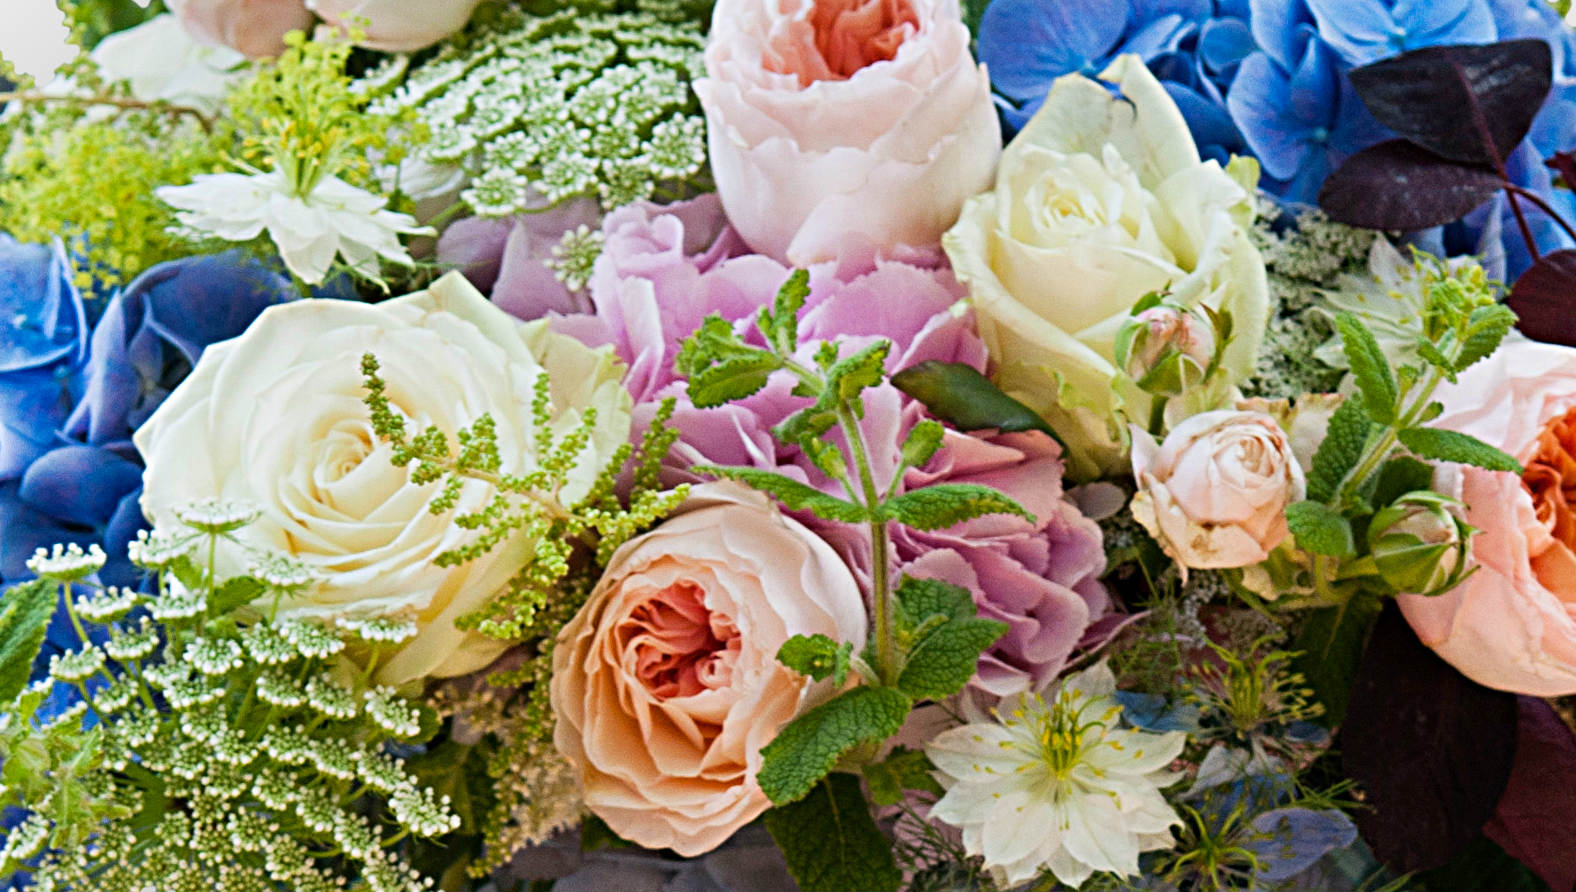 rue-de-rivoli-bouquet-flower-station.jpg